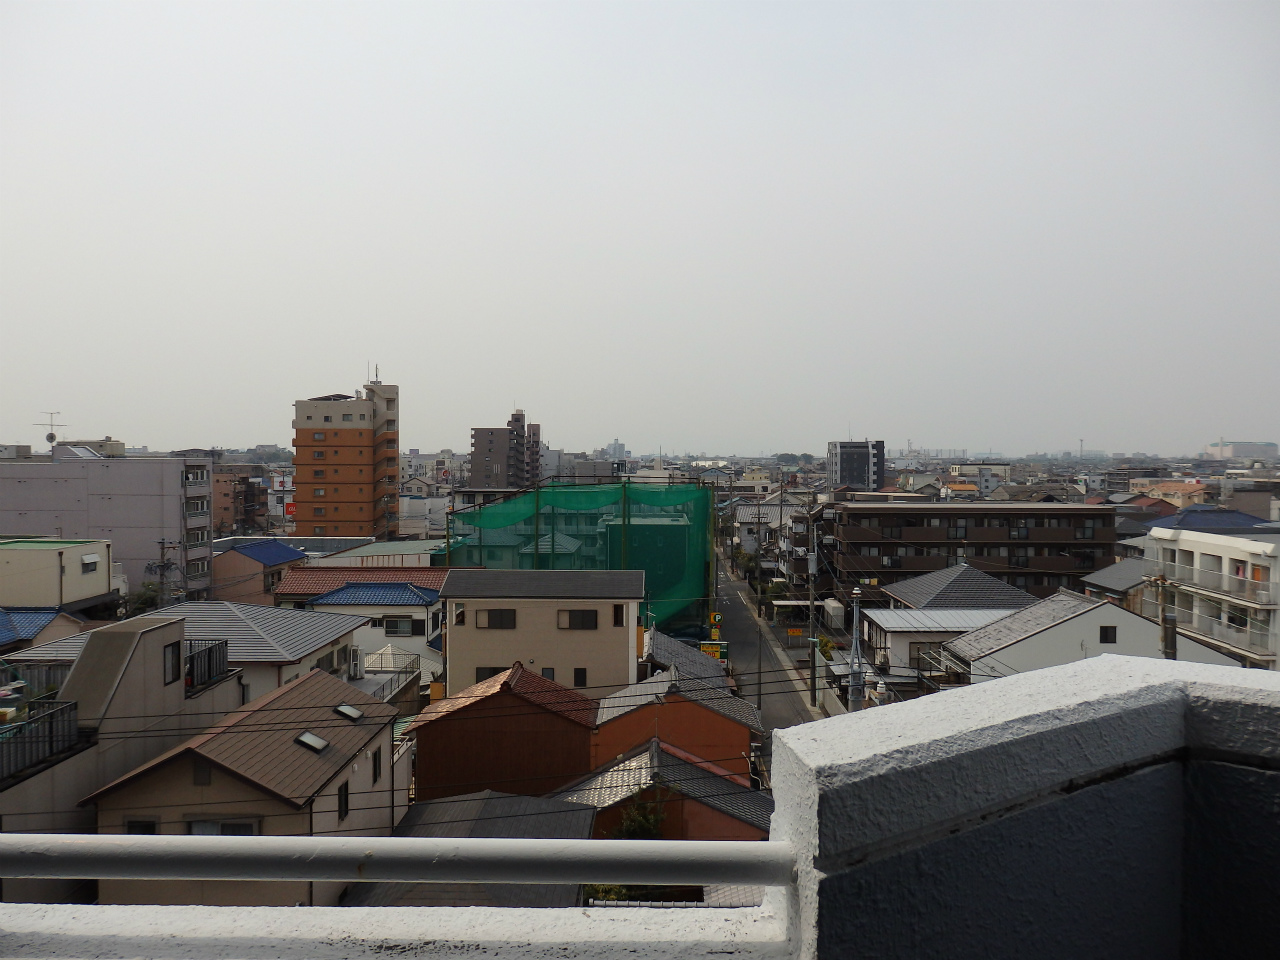 さらにはこの抜けるような眺望!6階のお部屋なので、眺めがとってもいいのです。広さ、眺望、という2つの人気条件がそろっています。